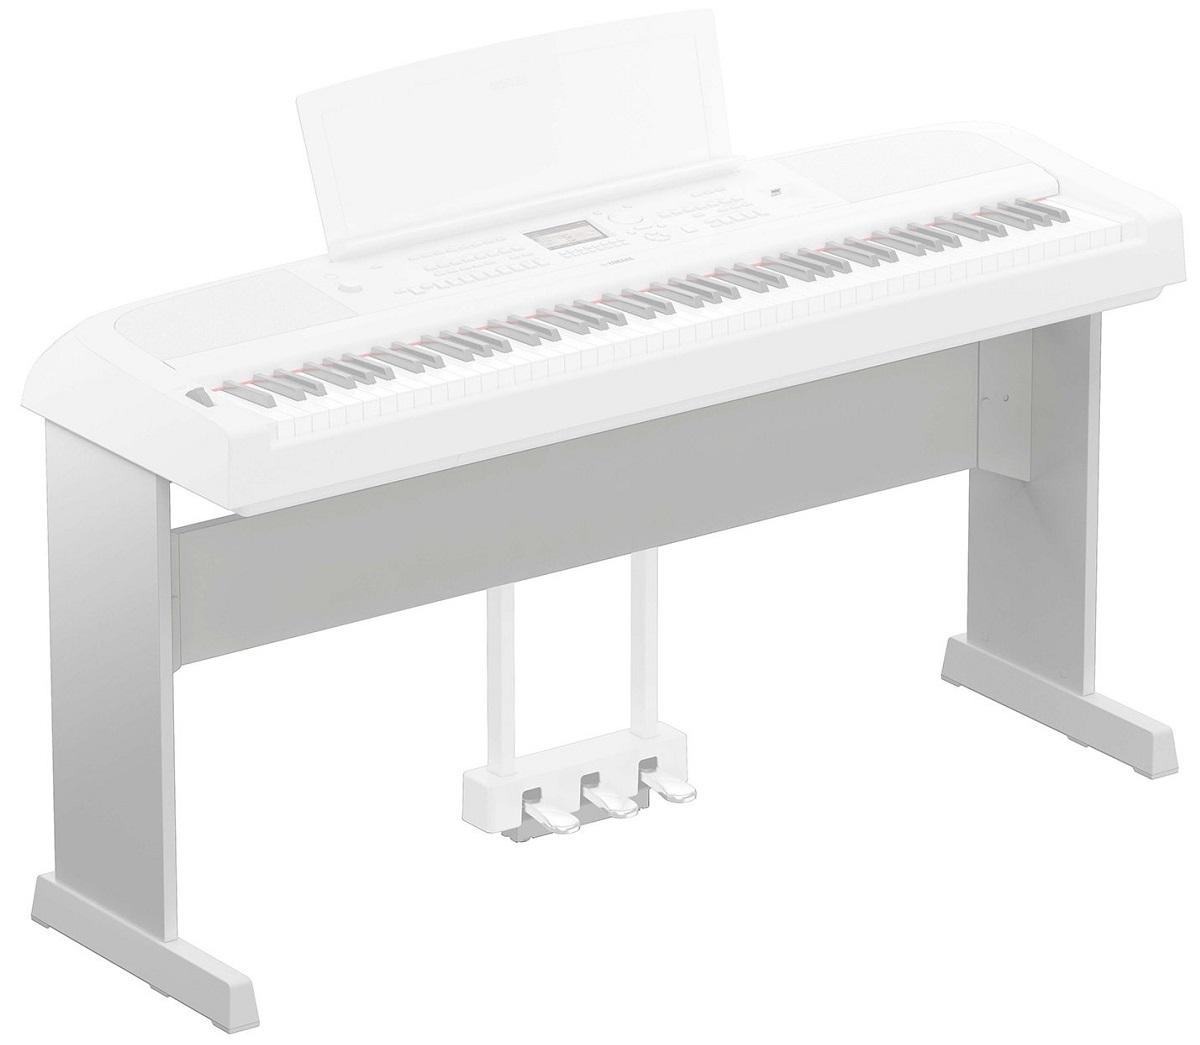 YAMAHA L300WH SUPPORTO MOBILE LEGNO STAND GAMBE PIANOFORTE DGX670WH BIANCO